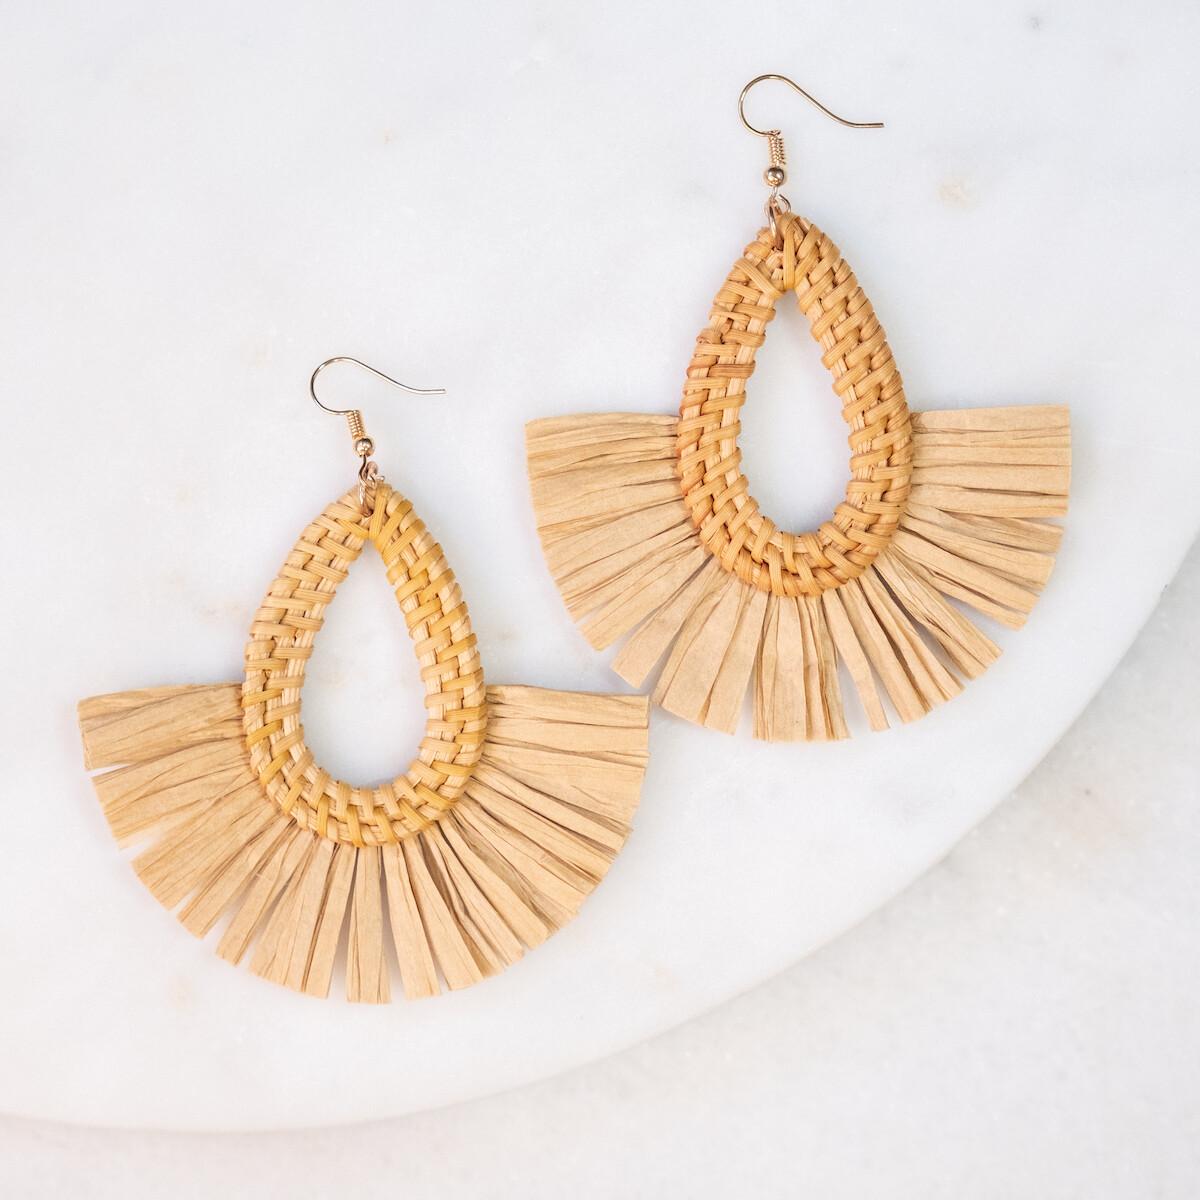 Domingo Raffia Earrings in Multi